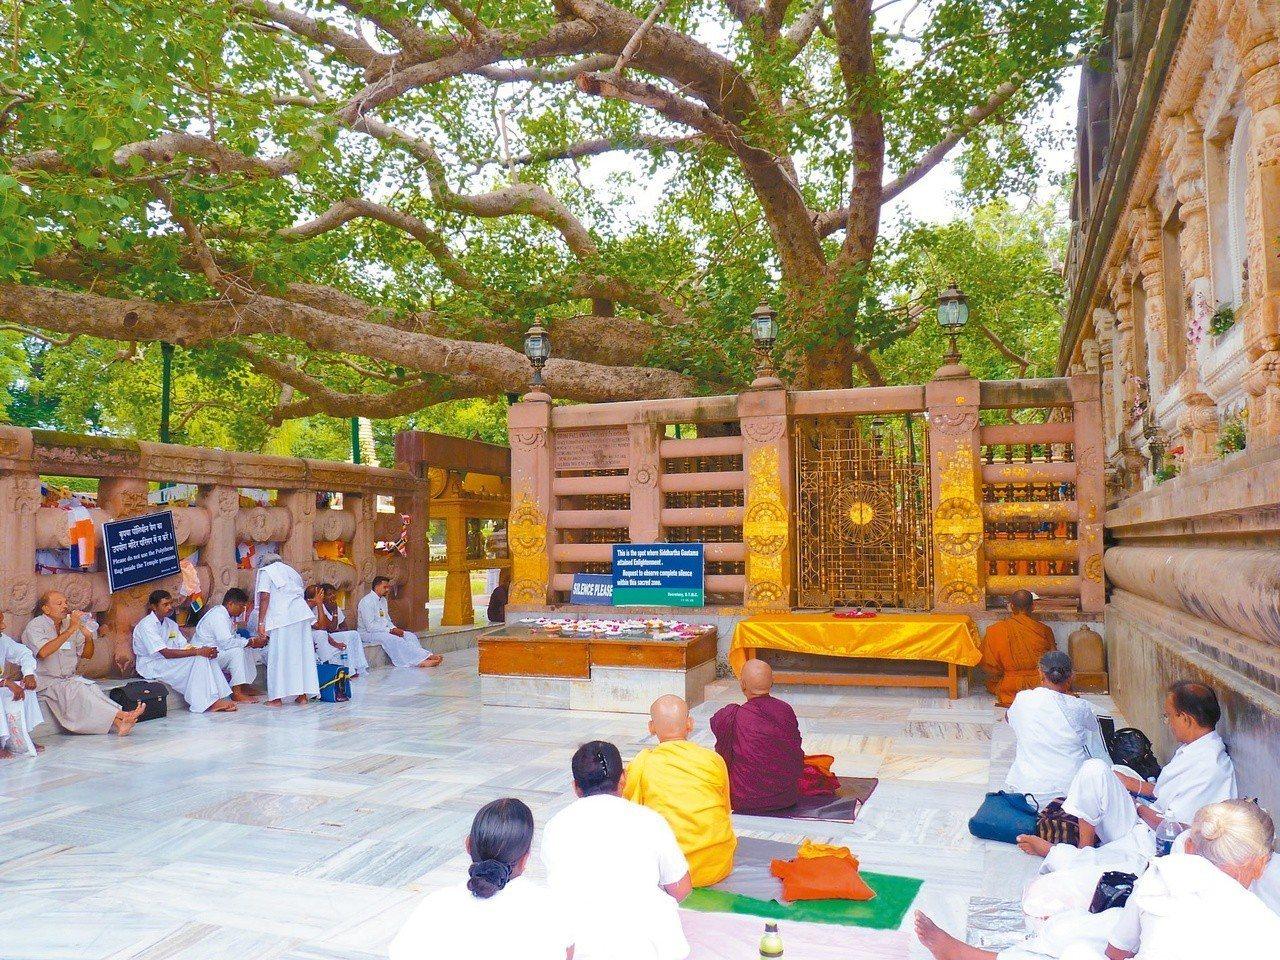 佛祖悟道的菩提樹下,金剛座圍欄盾外。